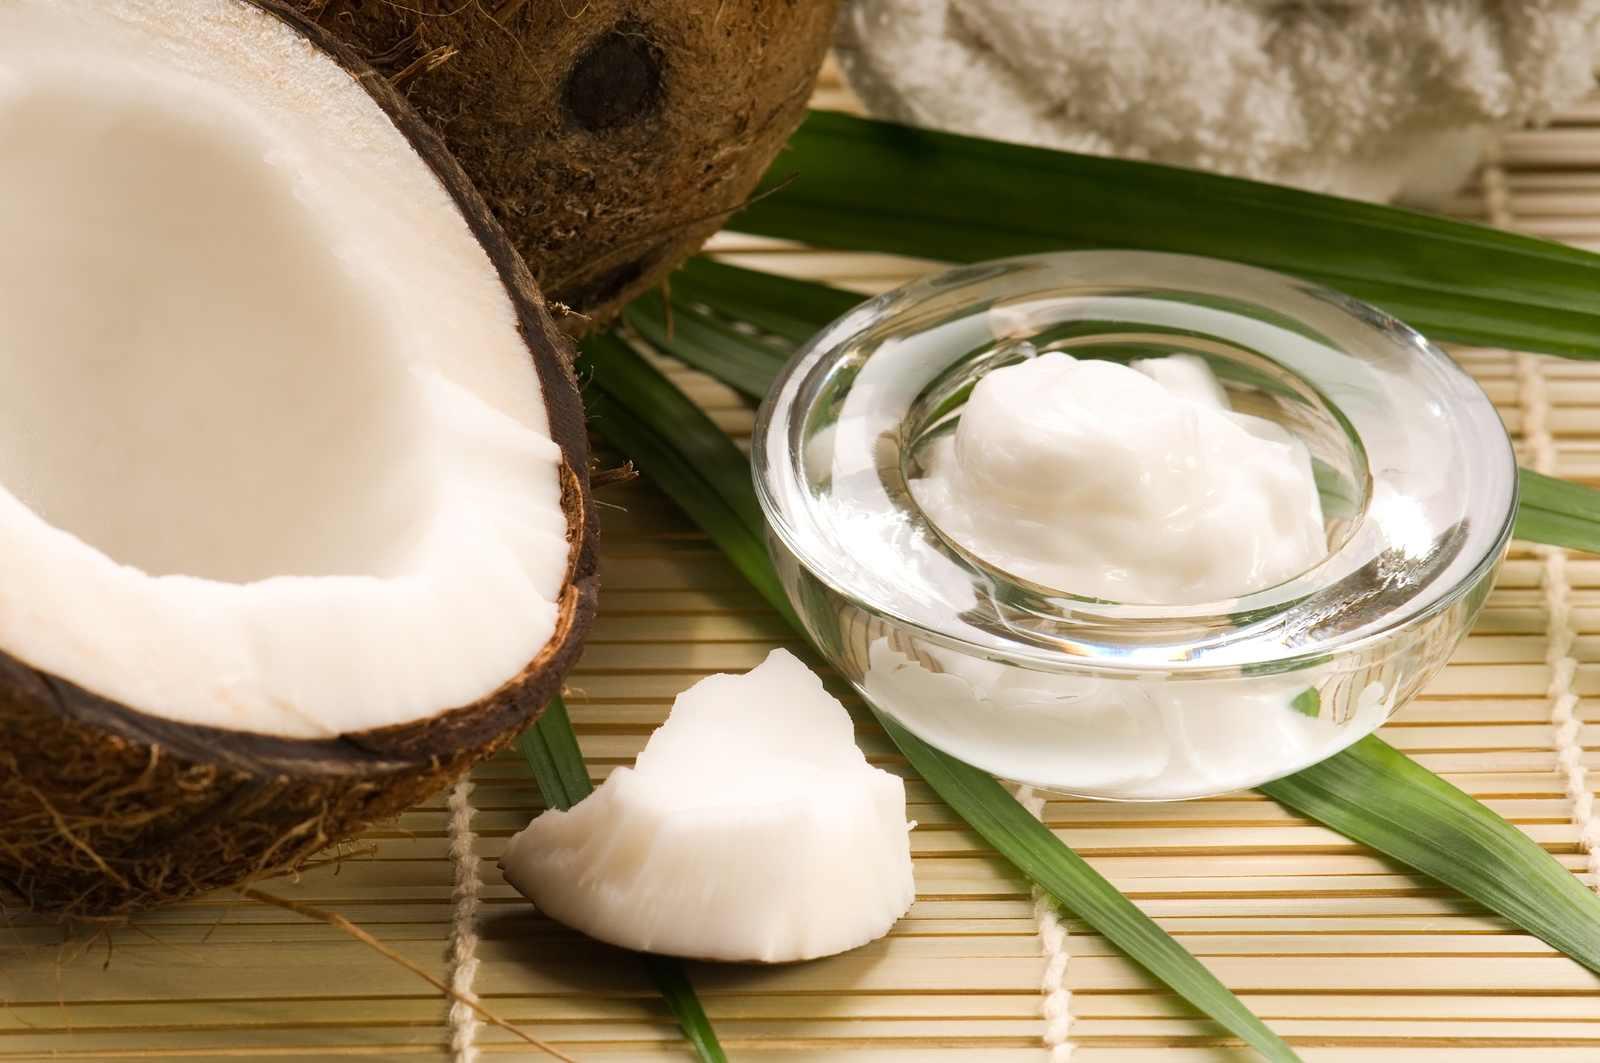 El aceite de coco es casi veneno: expertos